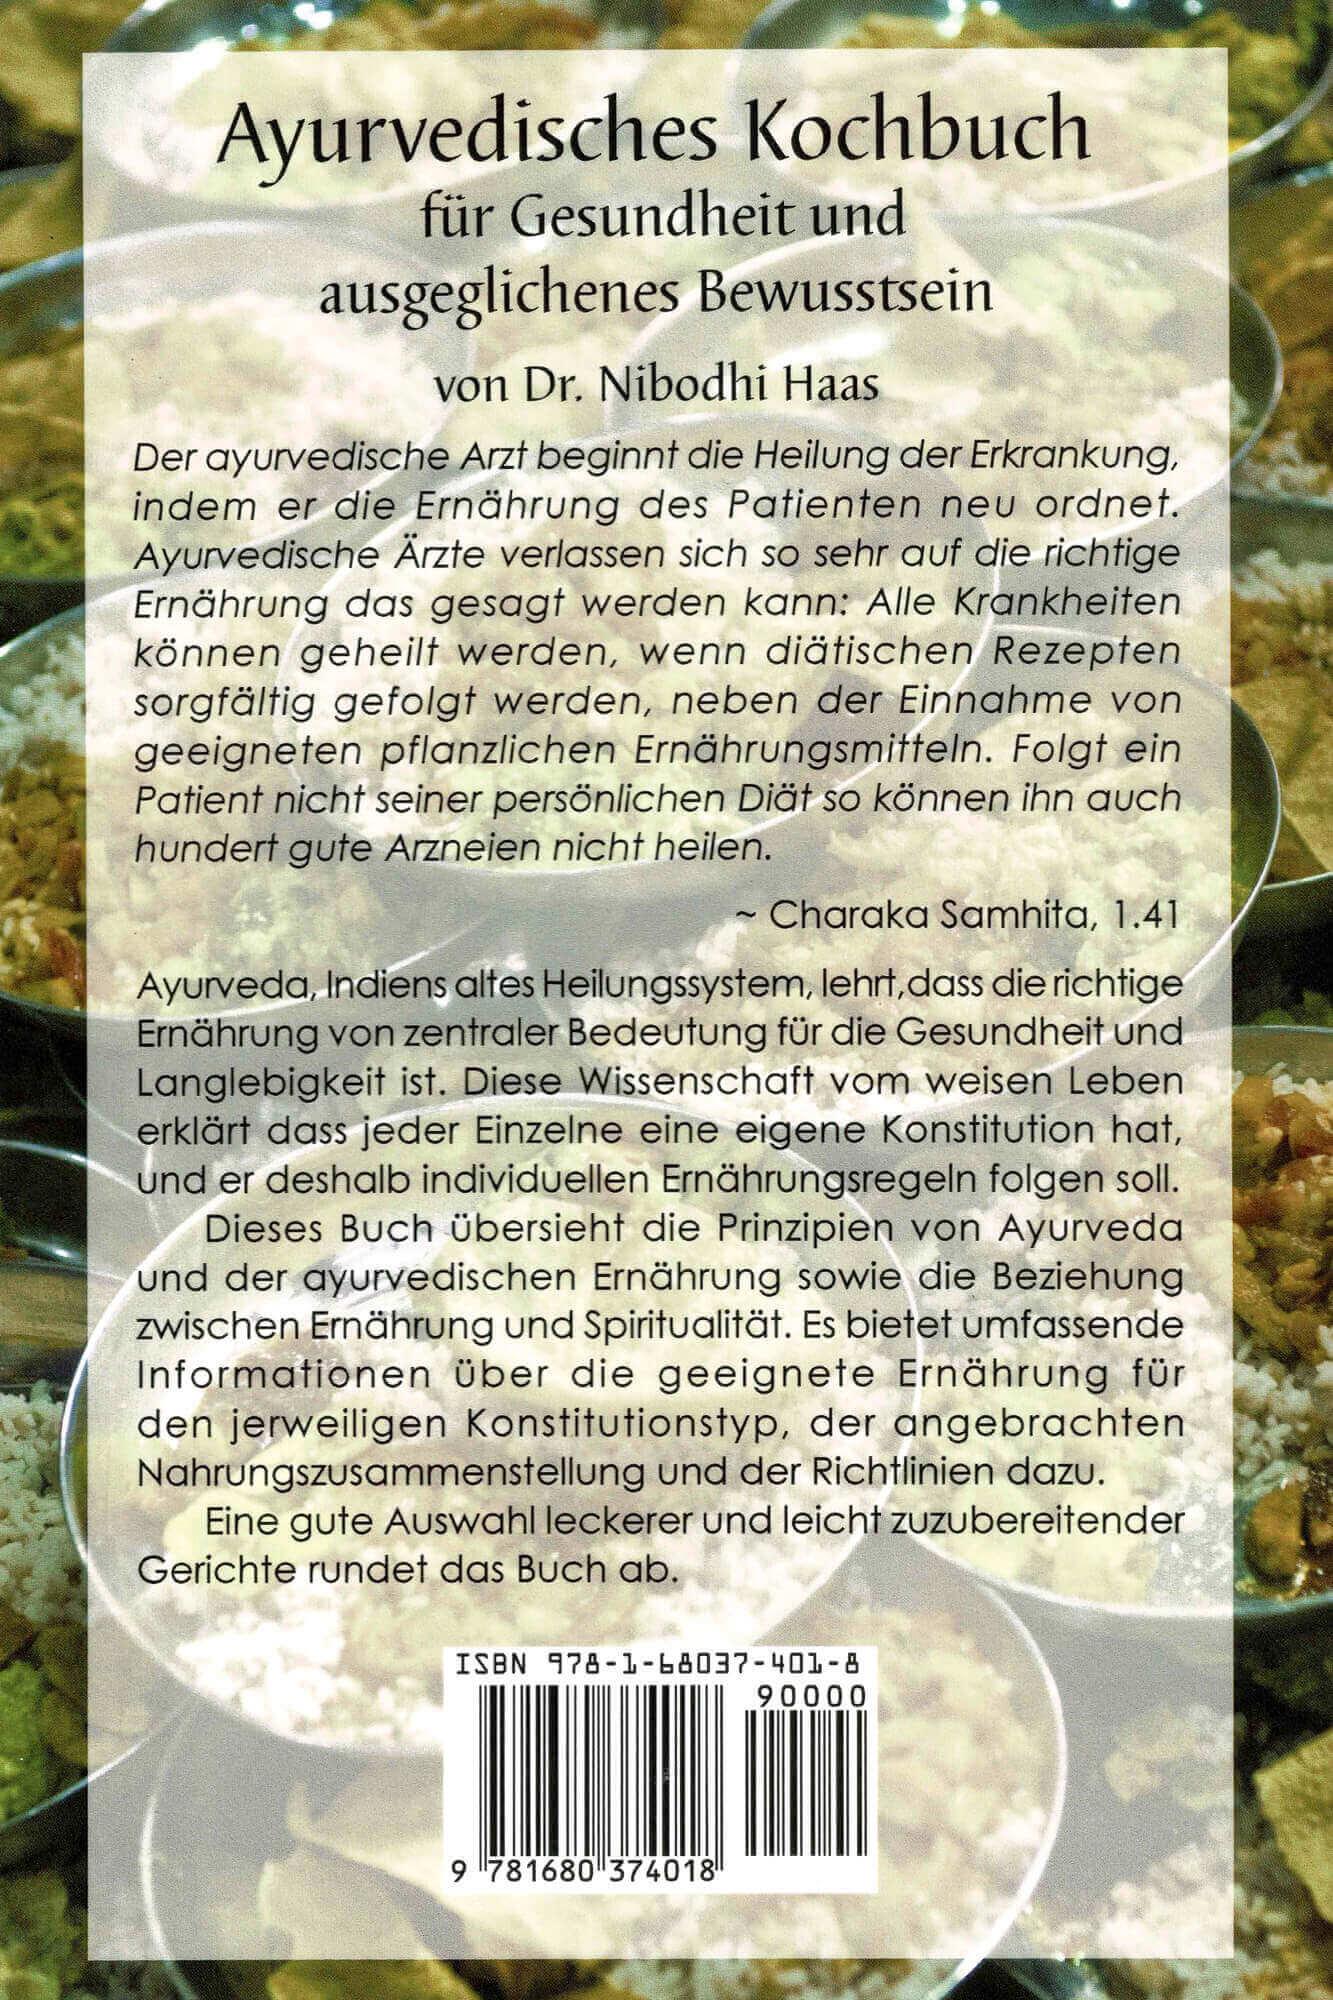 Ayurvedisches Kochbuch